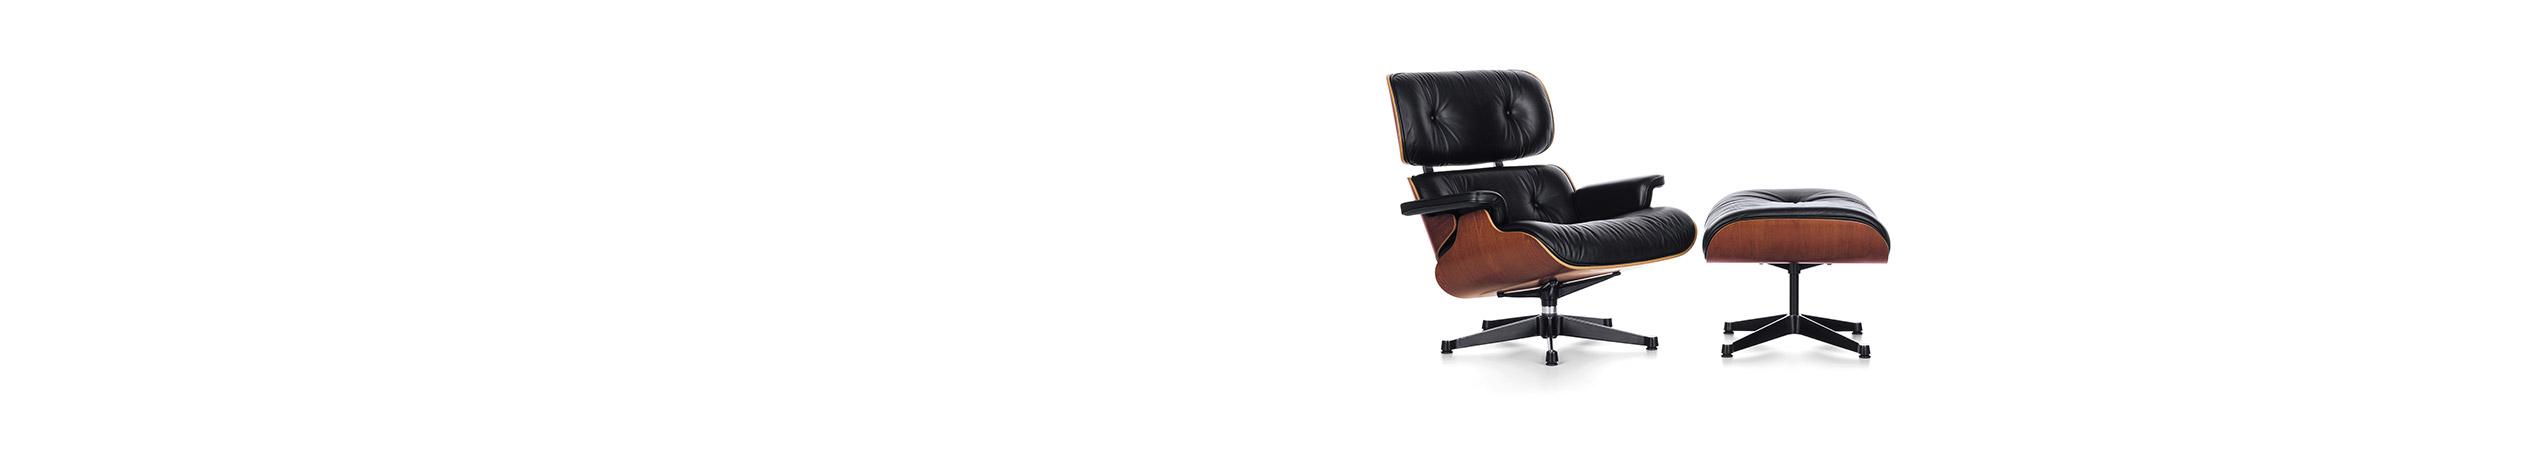 LHL Büroeinrichtung & Designermöbel - Bürostuhl, Schreibtisch ...